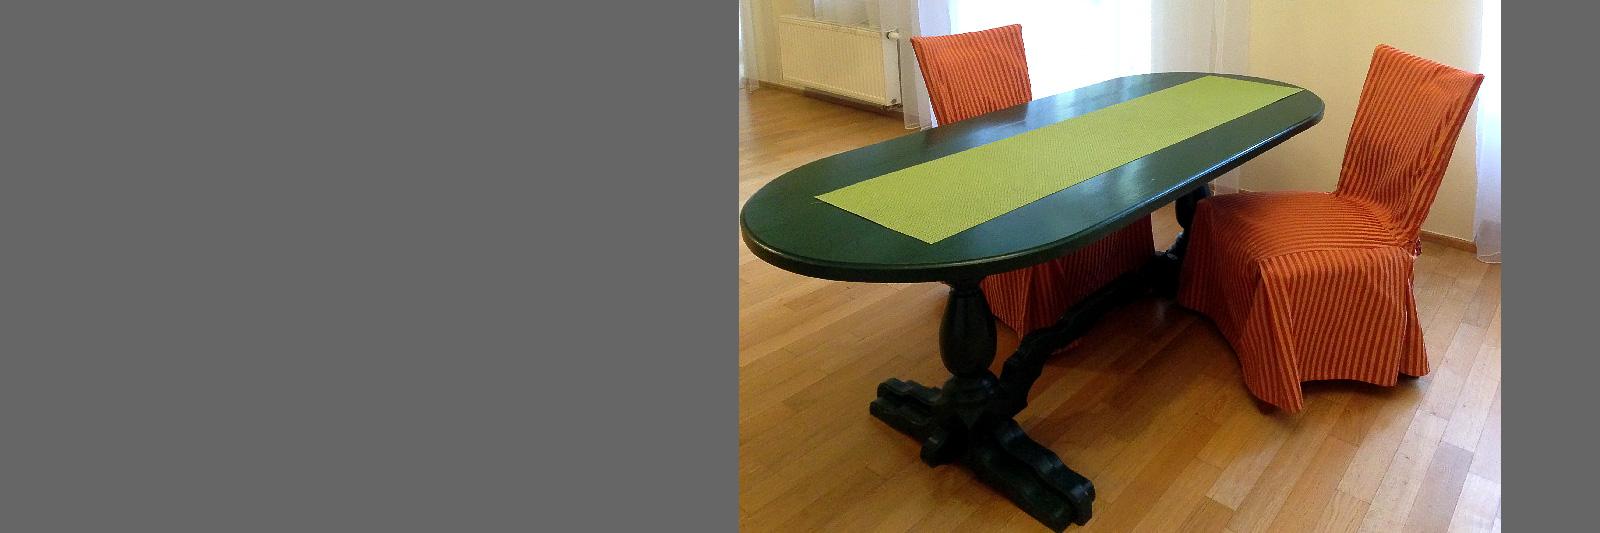 Обеденный стол на заказ в эмали